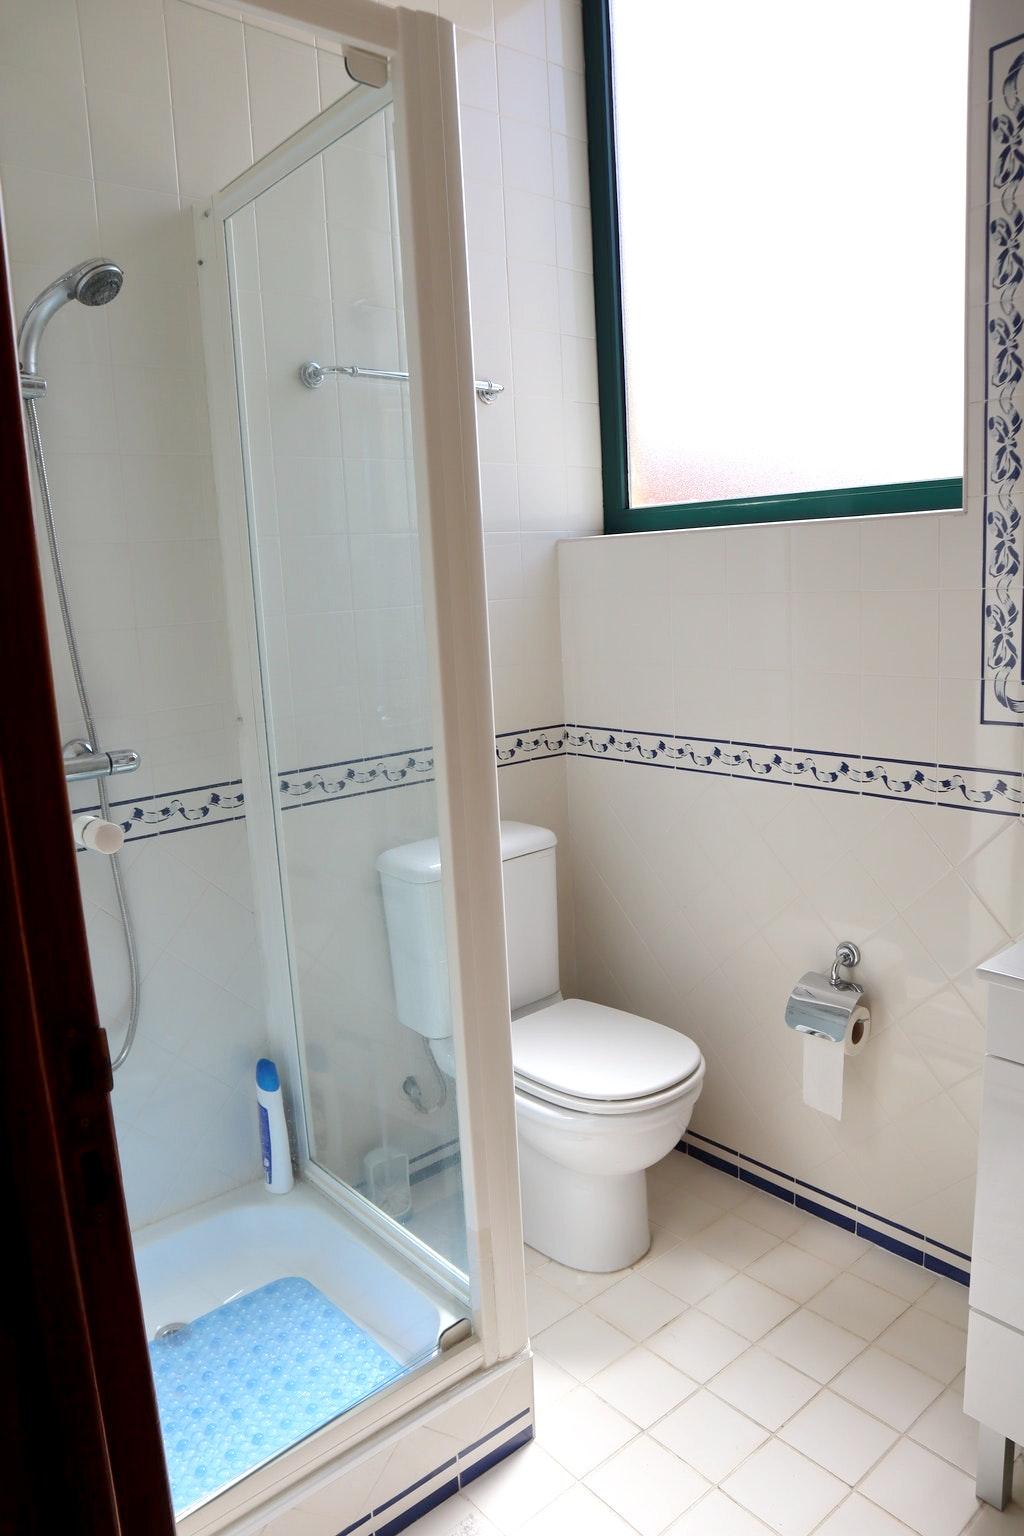 Ferienhaus Villa mit 4 Schlafzimmern in Praia de Mira mit privatem Pool, eingezäuntem Garten und W-LA (2623071), Praia de Mira, Costa de Prata, Zentral-Portugal, Portugal, Bild 34